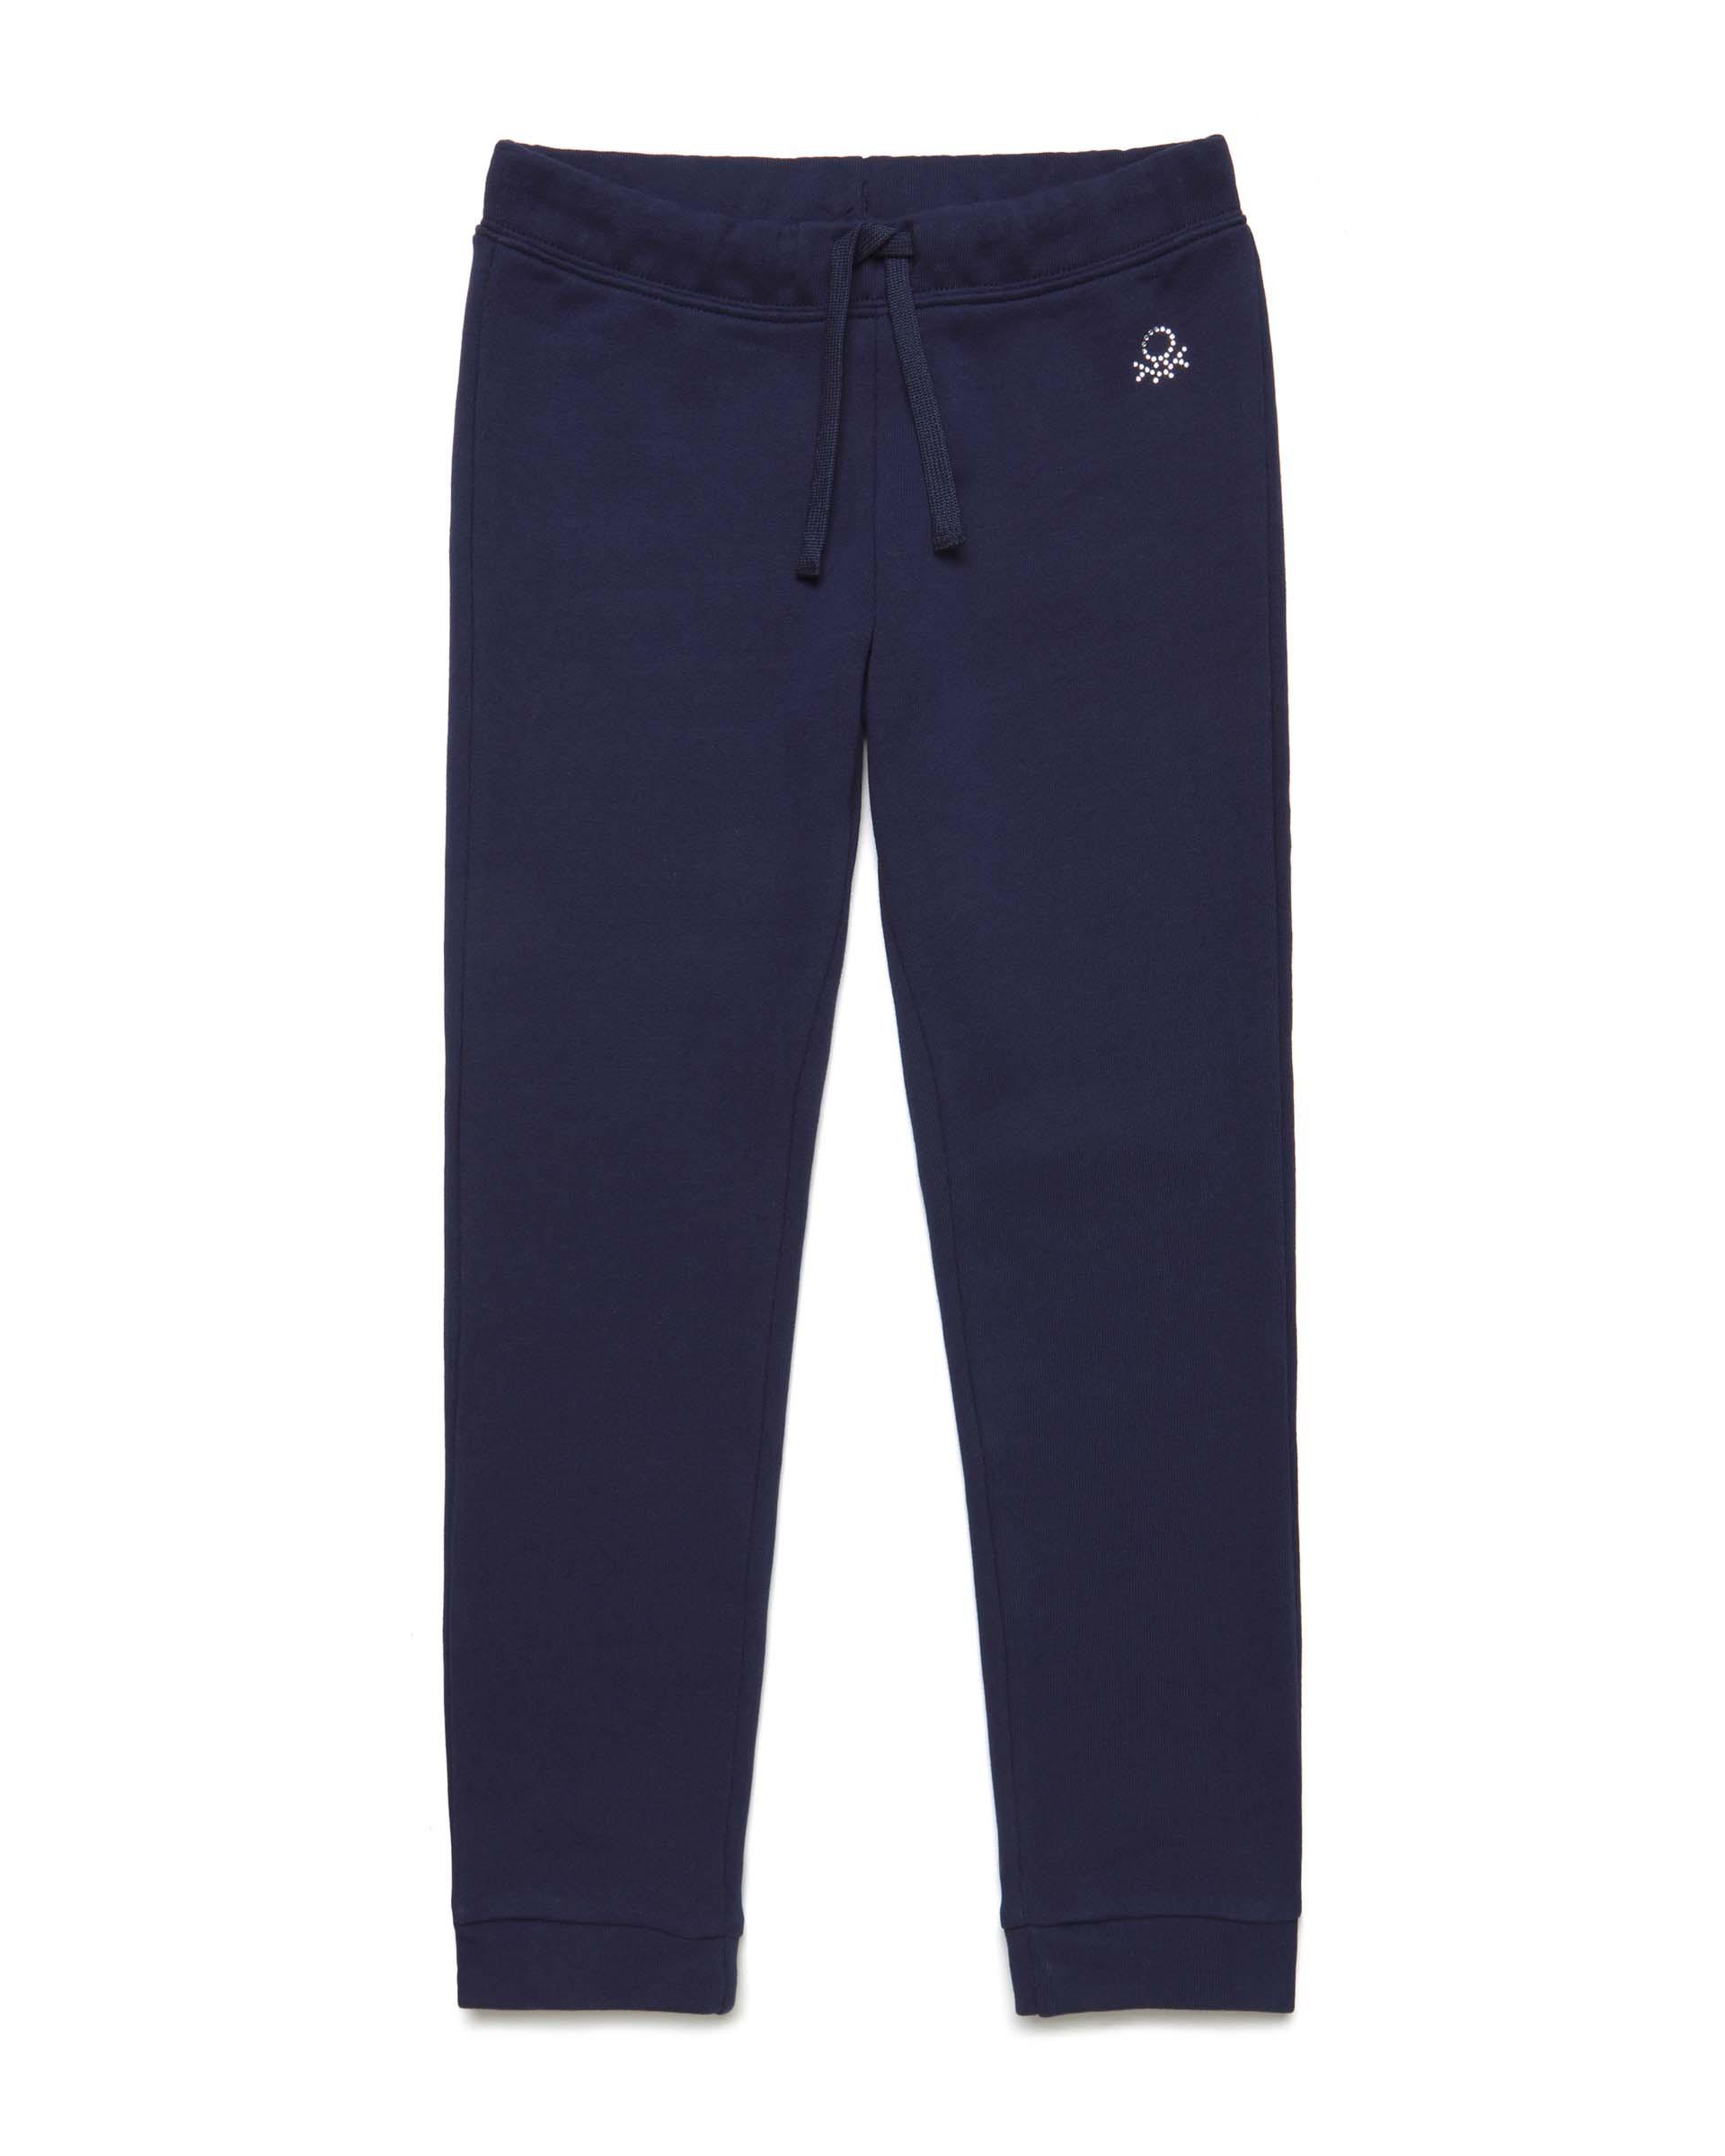 Купить 20P_3J68I0897_252, Спортивные брюки для девочек Benetton 3J68I0897_252 р-р 92, United Colors of Benetton, Шорты и брюки для новорожденных